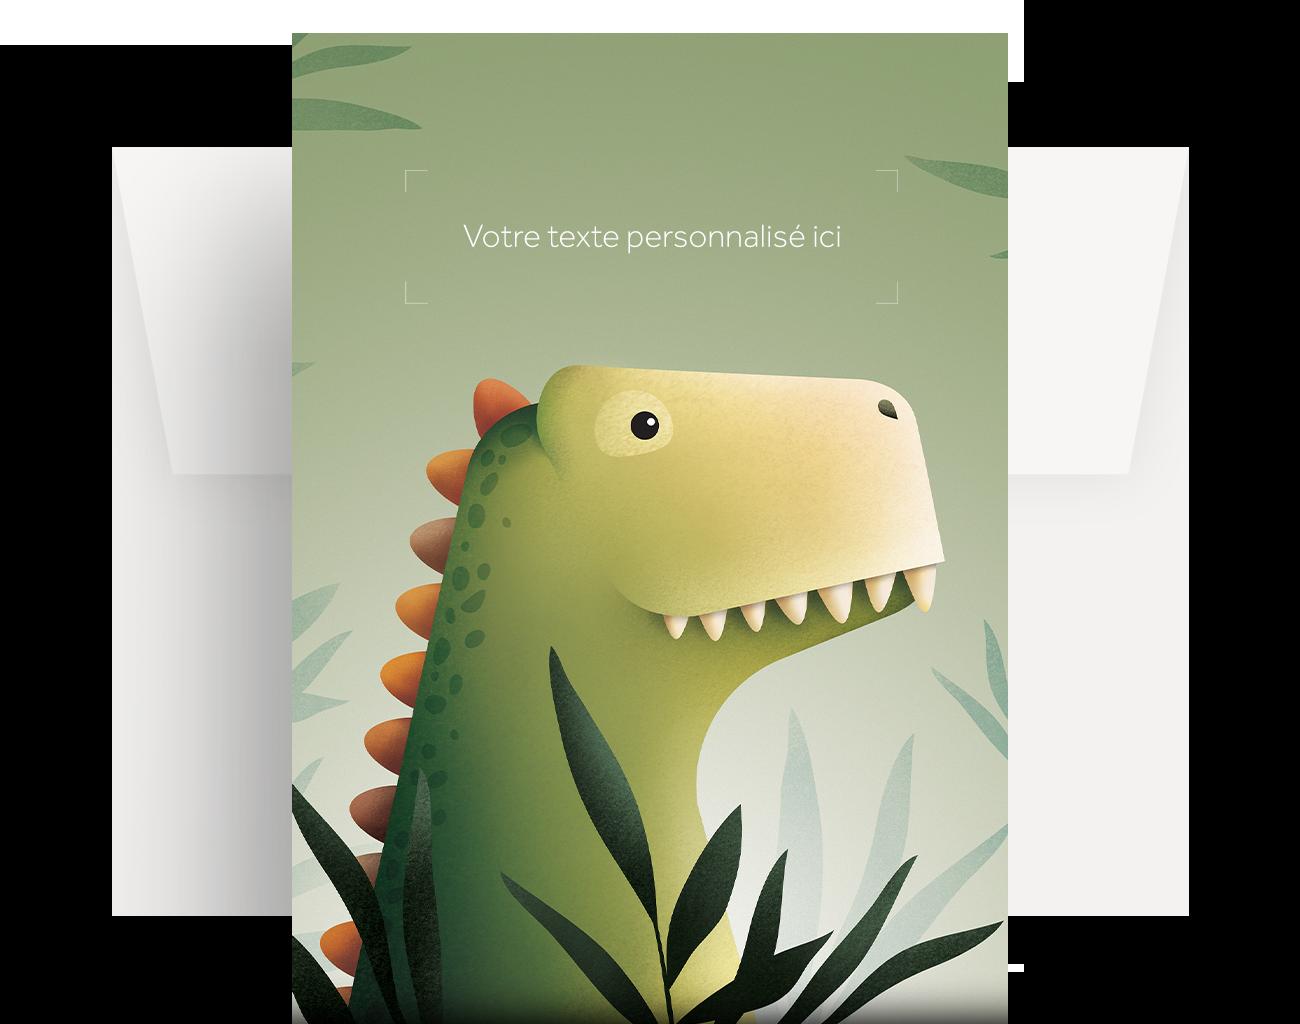 Carte de souhaits personnalisée – L'éveil du tyrannosaure